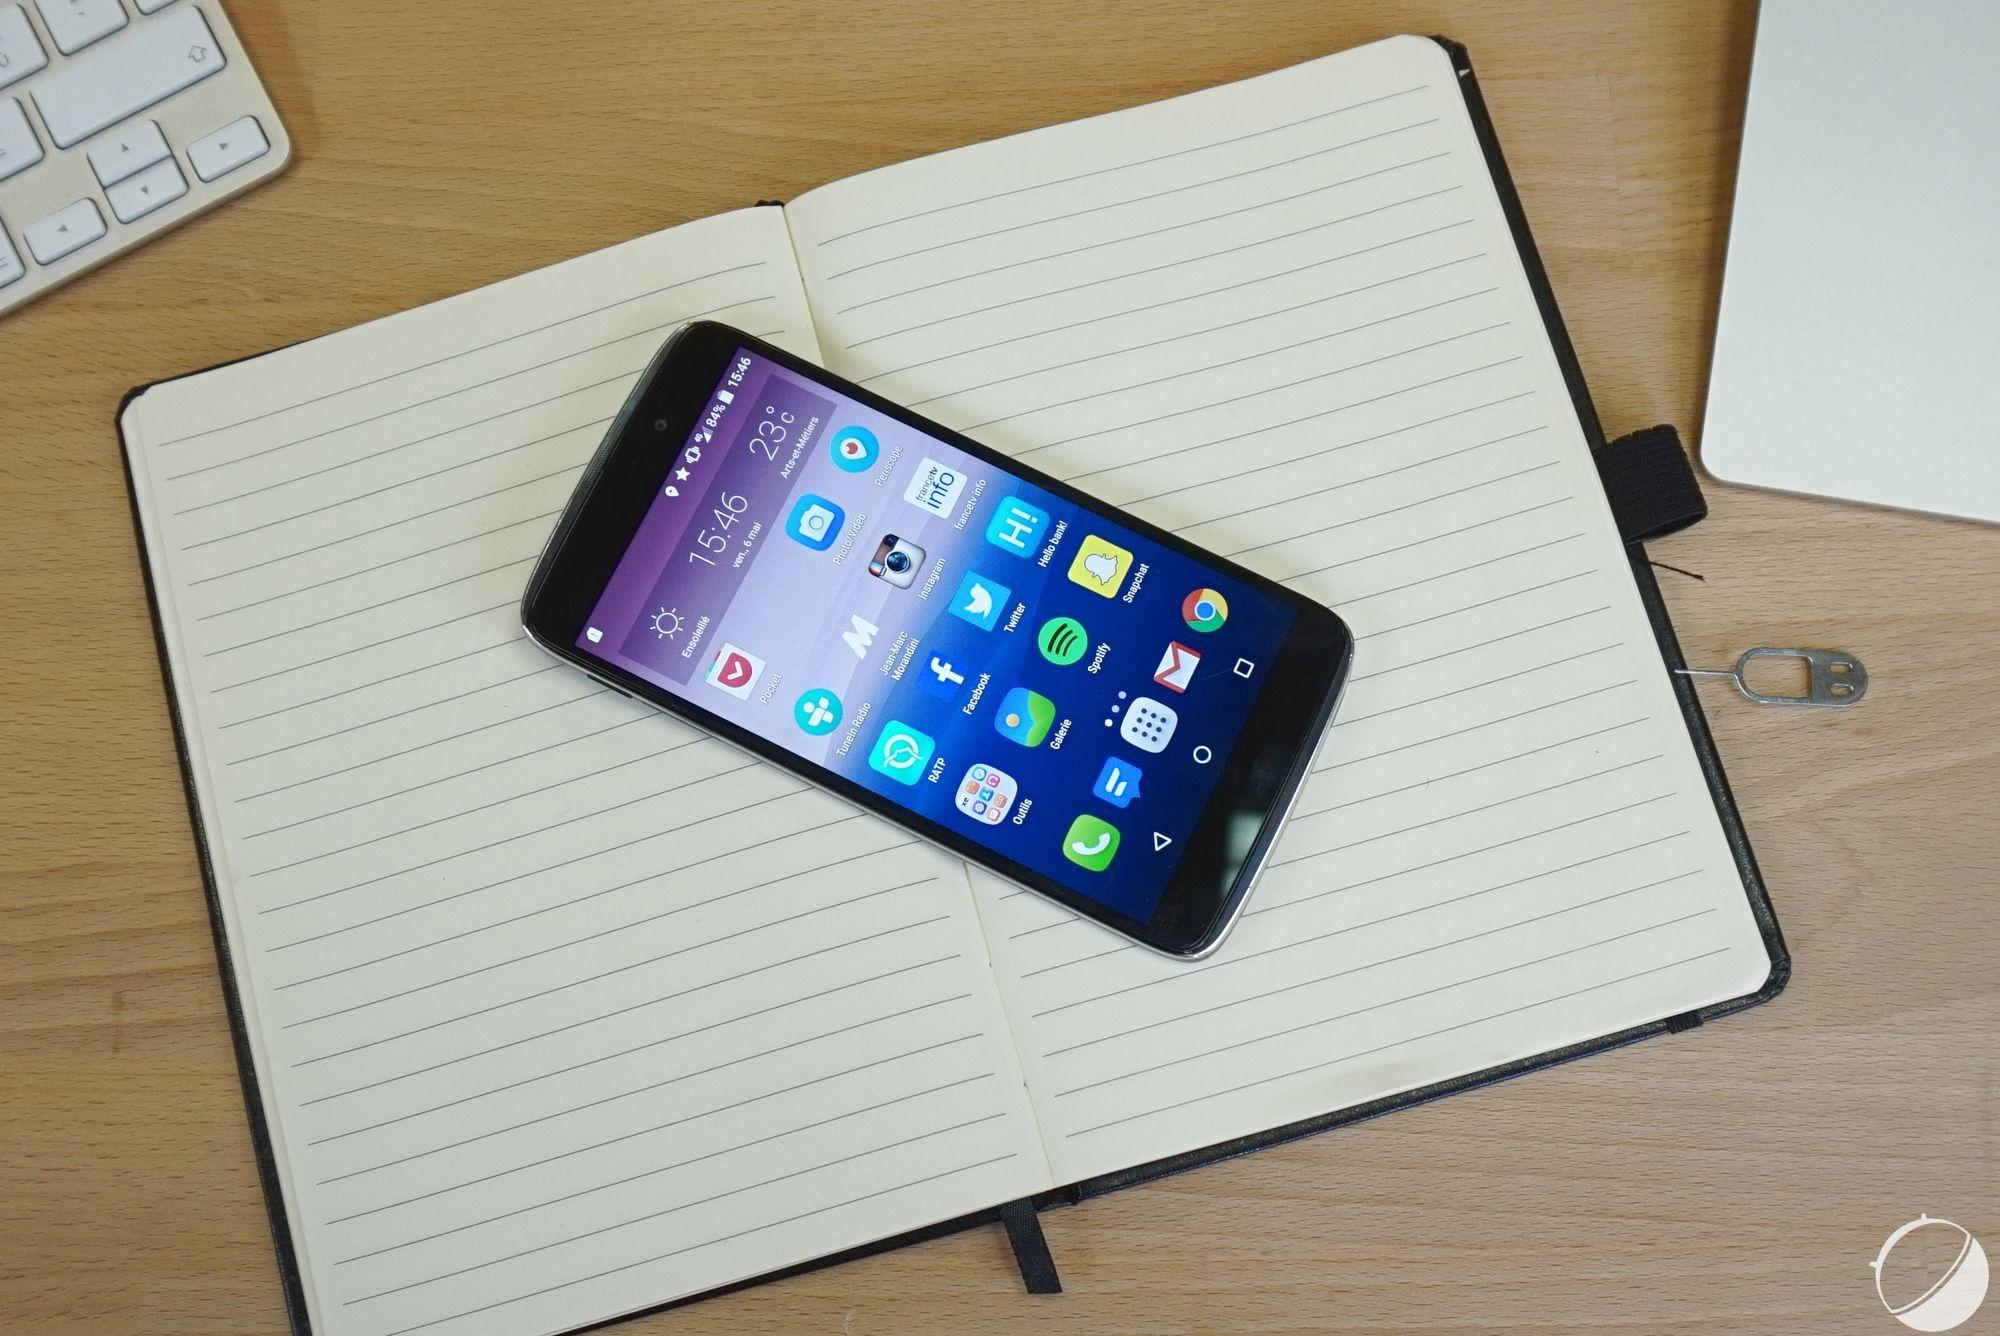 Alcatel OneTouch Idol3 : le déploiement d'Android6.0.1 Marshmallow débute enfin